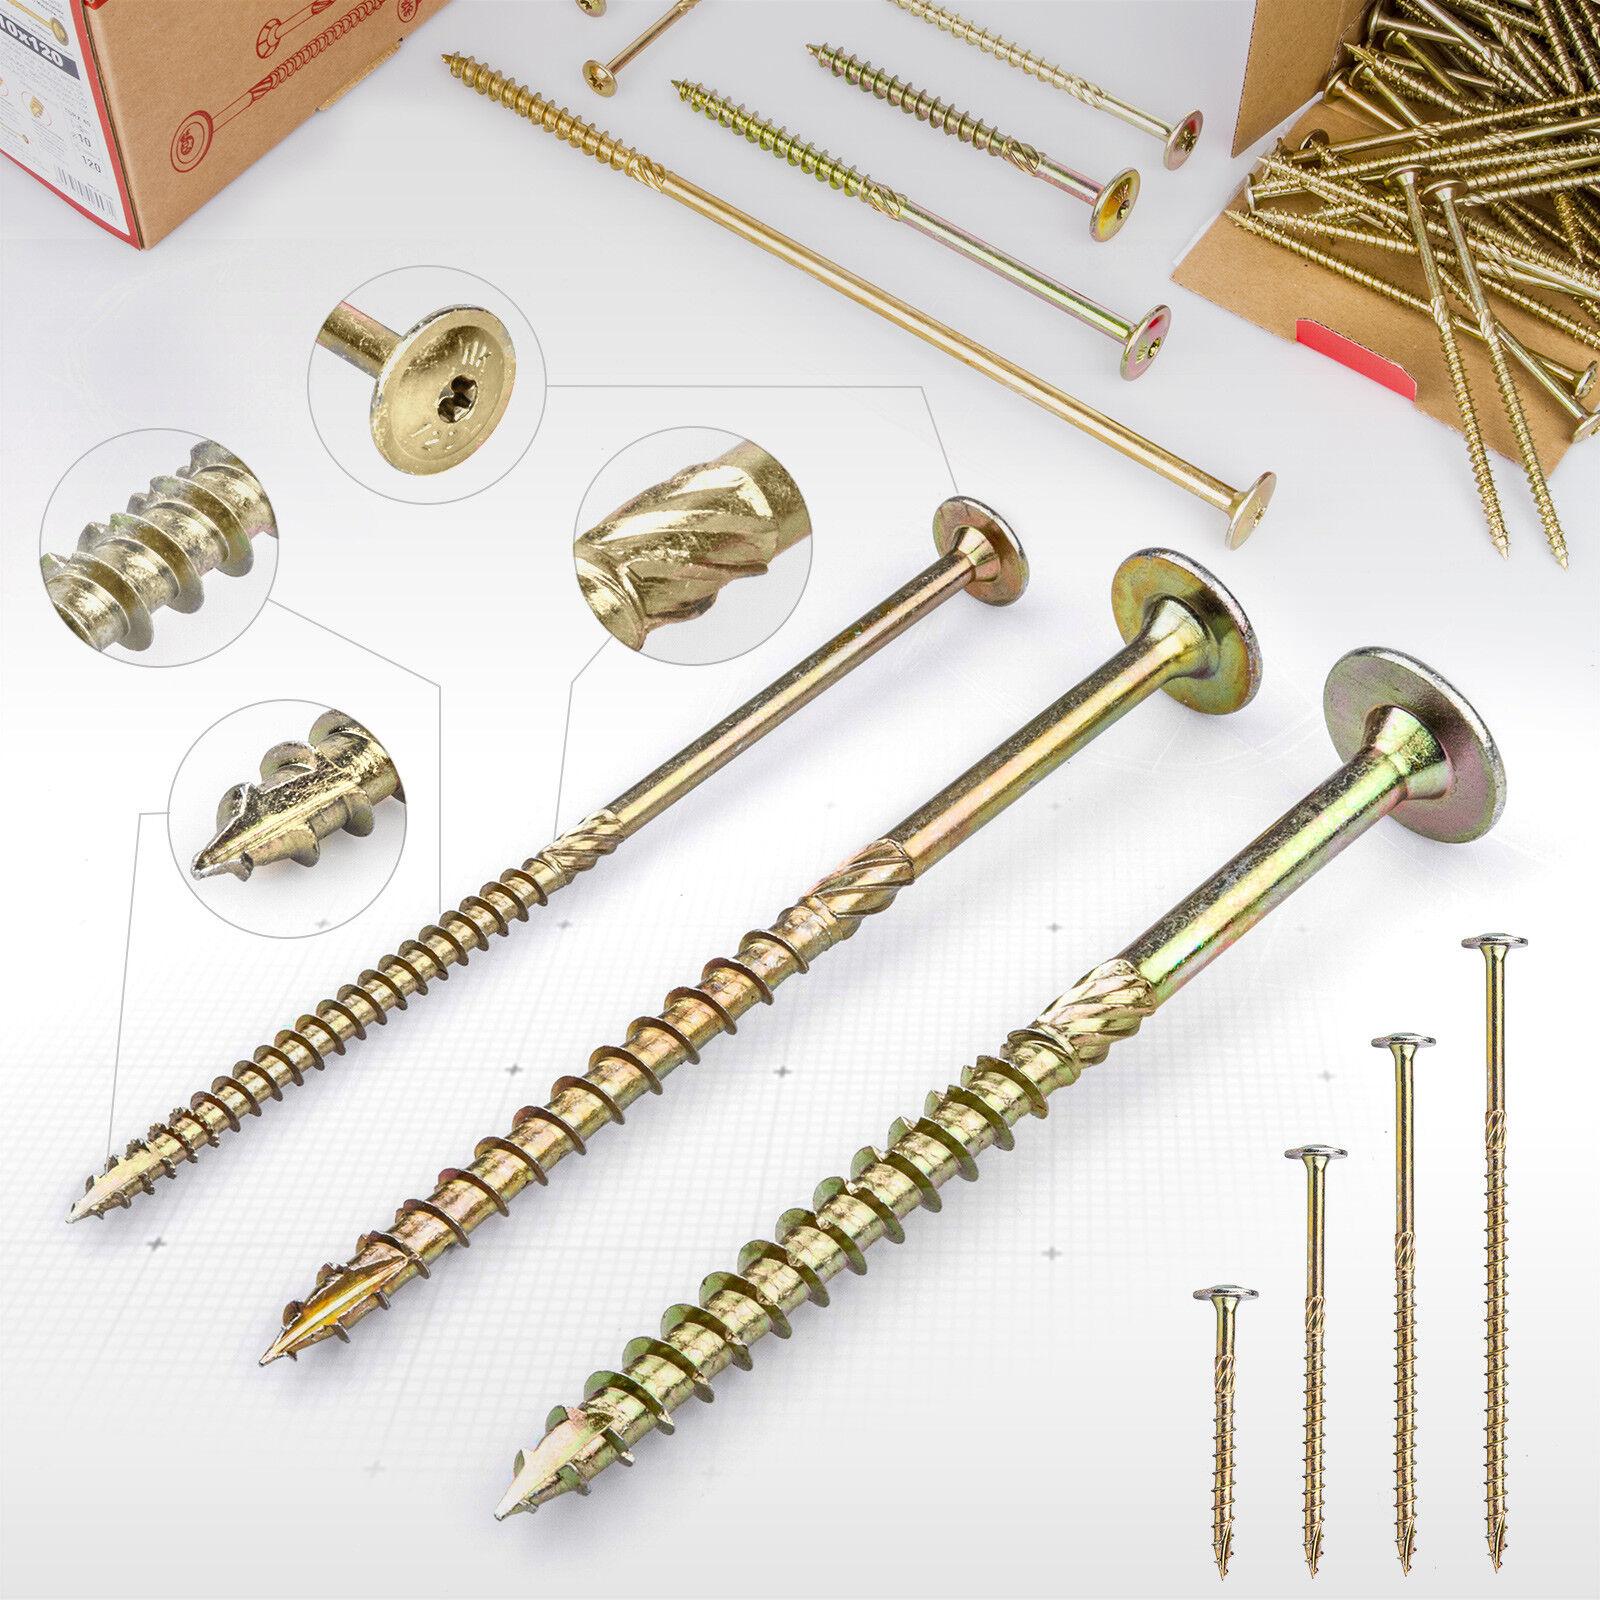 6 8 10mm Tellerkopfschrauben Senkkopf Holzbauschrauben Holz Schrauben 50 - 340mm